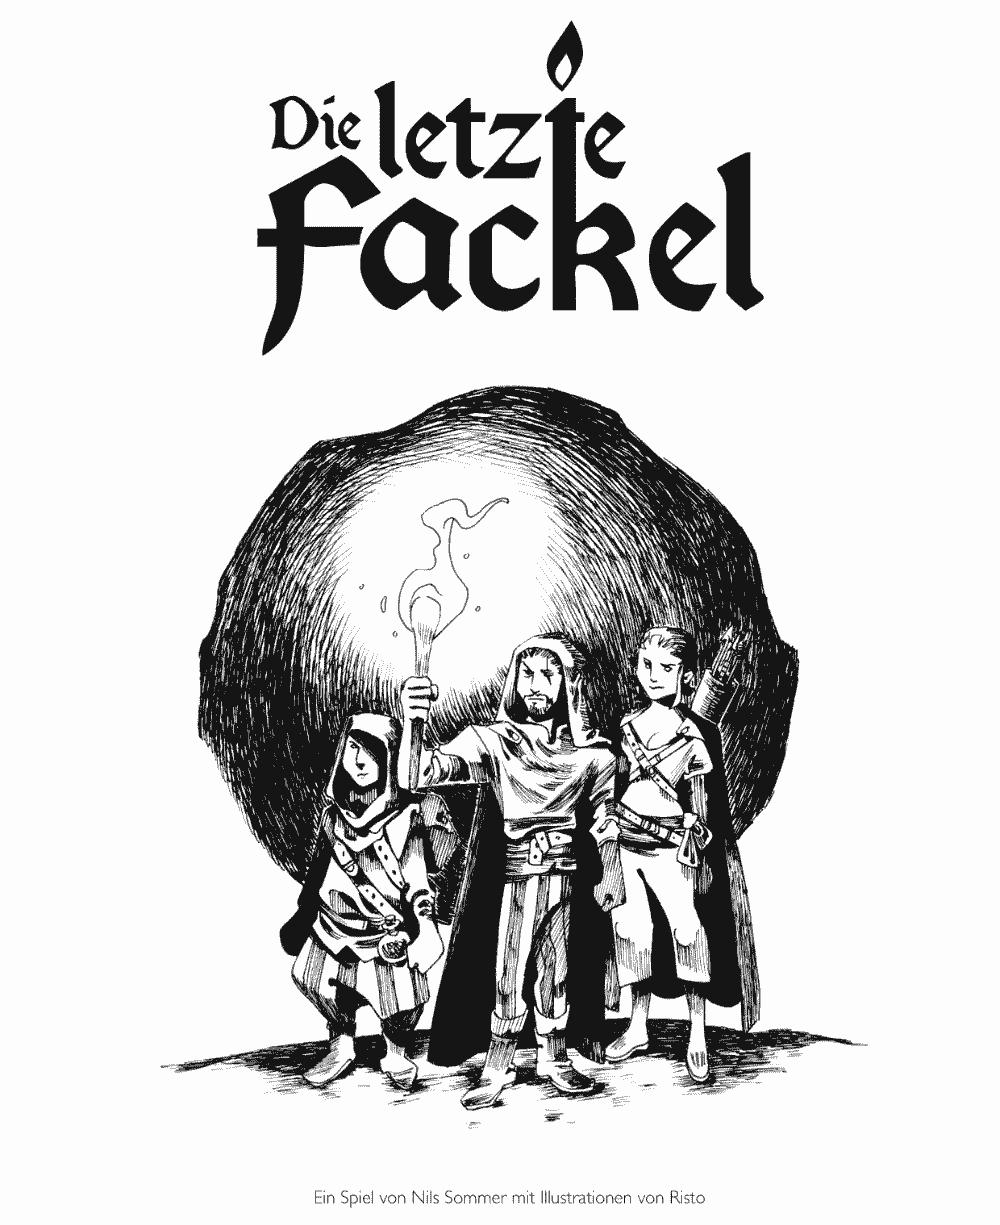 Titelbild zum Spiel Die letzte Fackel mit einer gezeichneten Gruppe Helden und einer Fackel